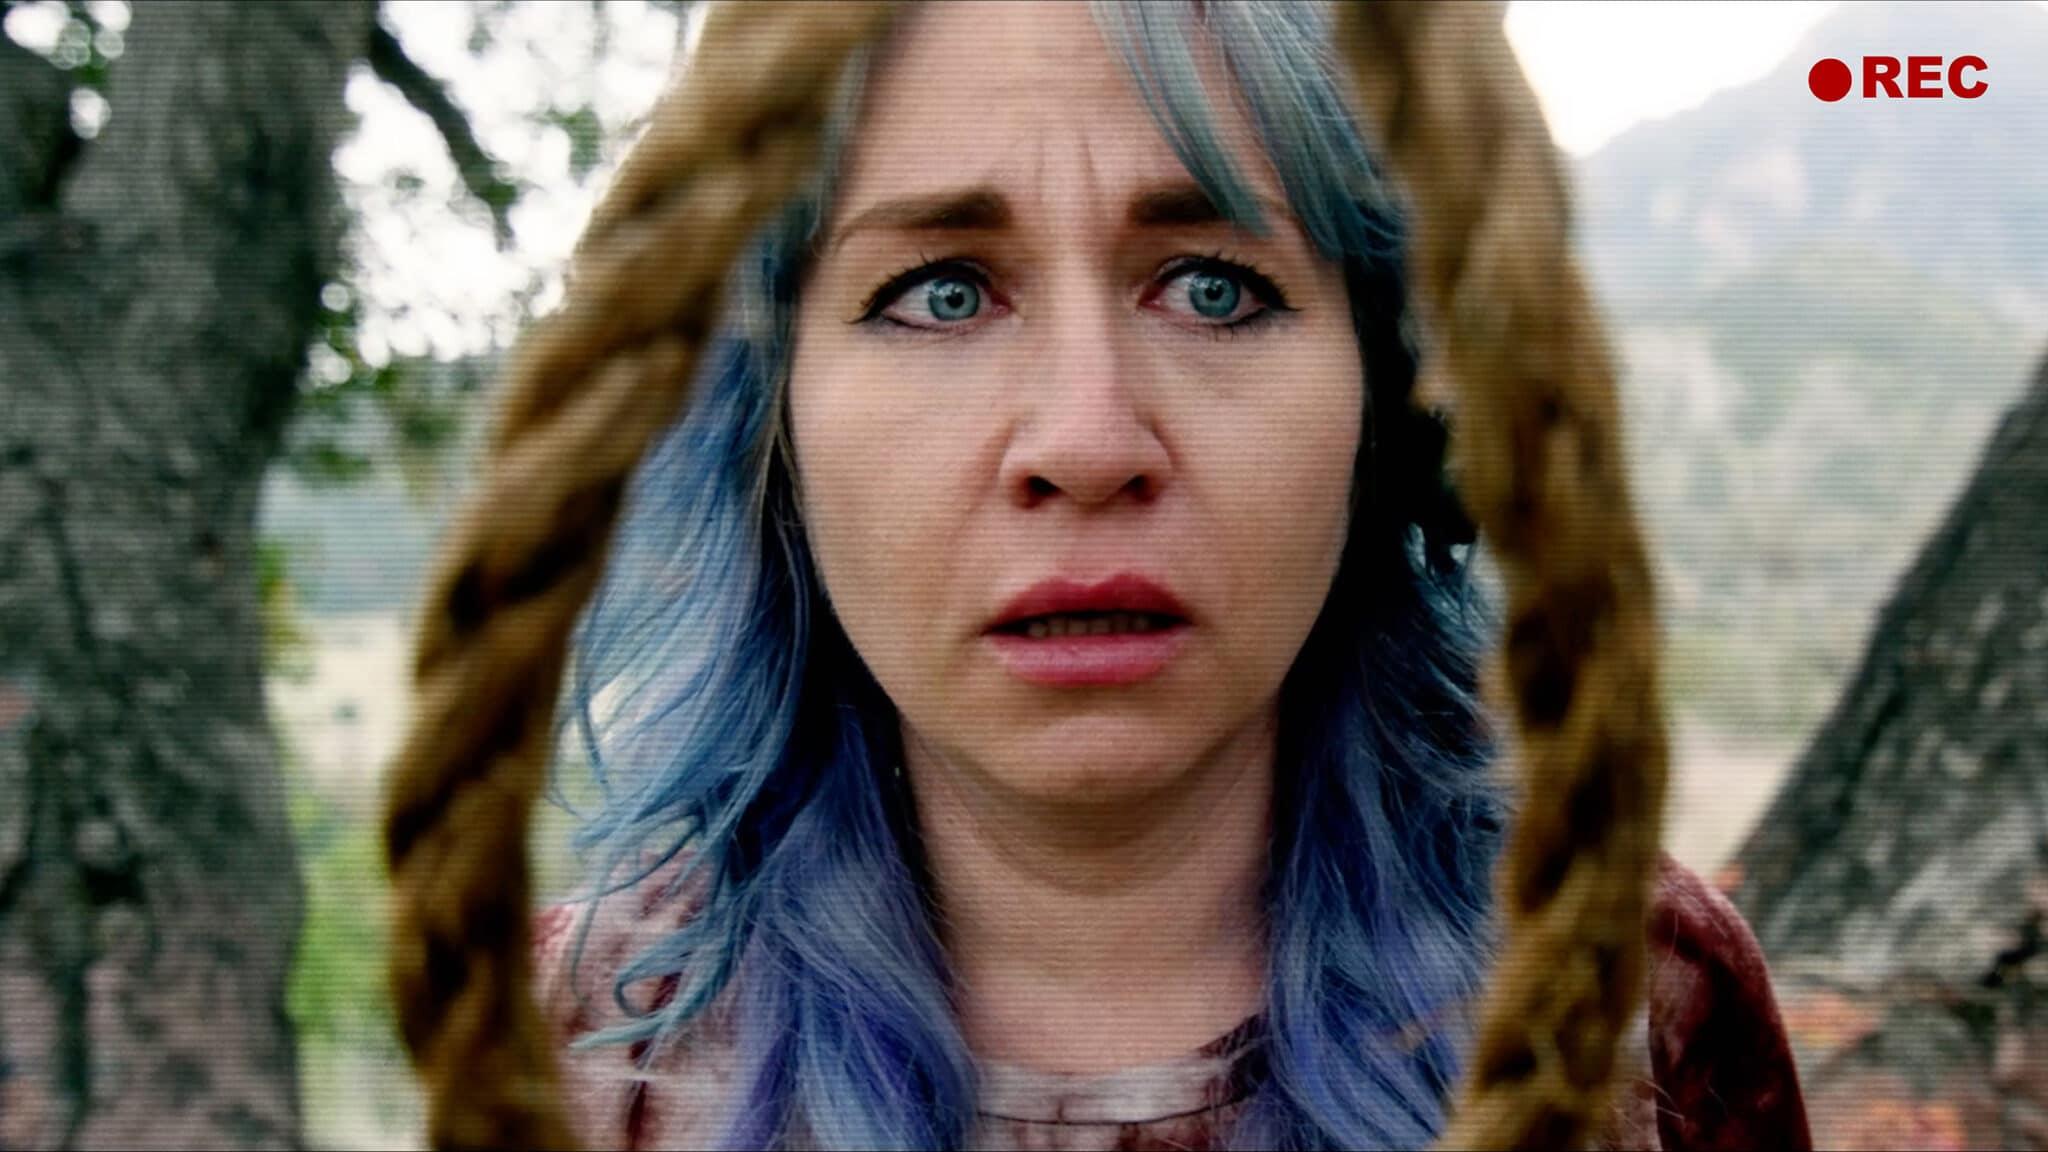 Elissa Dowling hat blaugefärbe lange Haare und schaut schockiert durch eine Seilschlinge, die blutvorschmiert vor ihr baumelt.